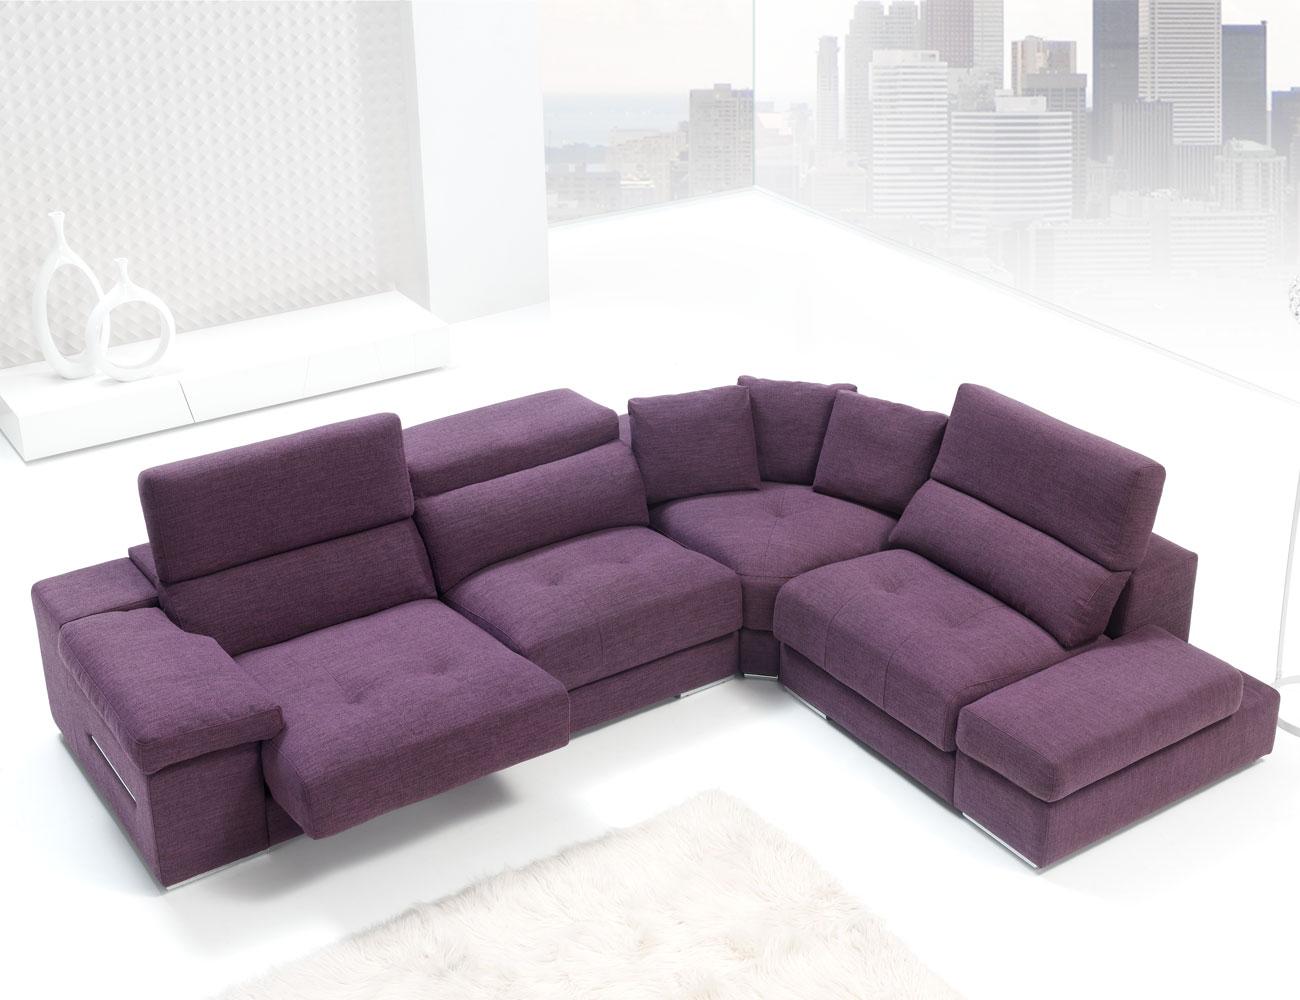 Sofa chaiselongue rincon con brazo mecanico tejido anti manchas 242